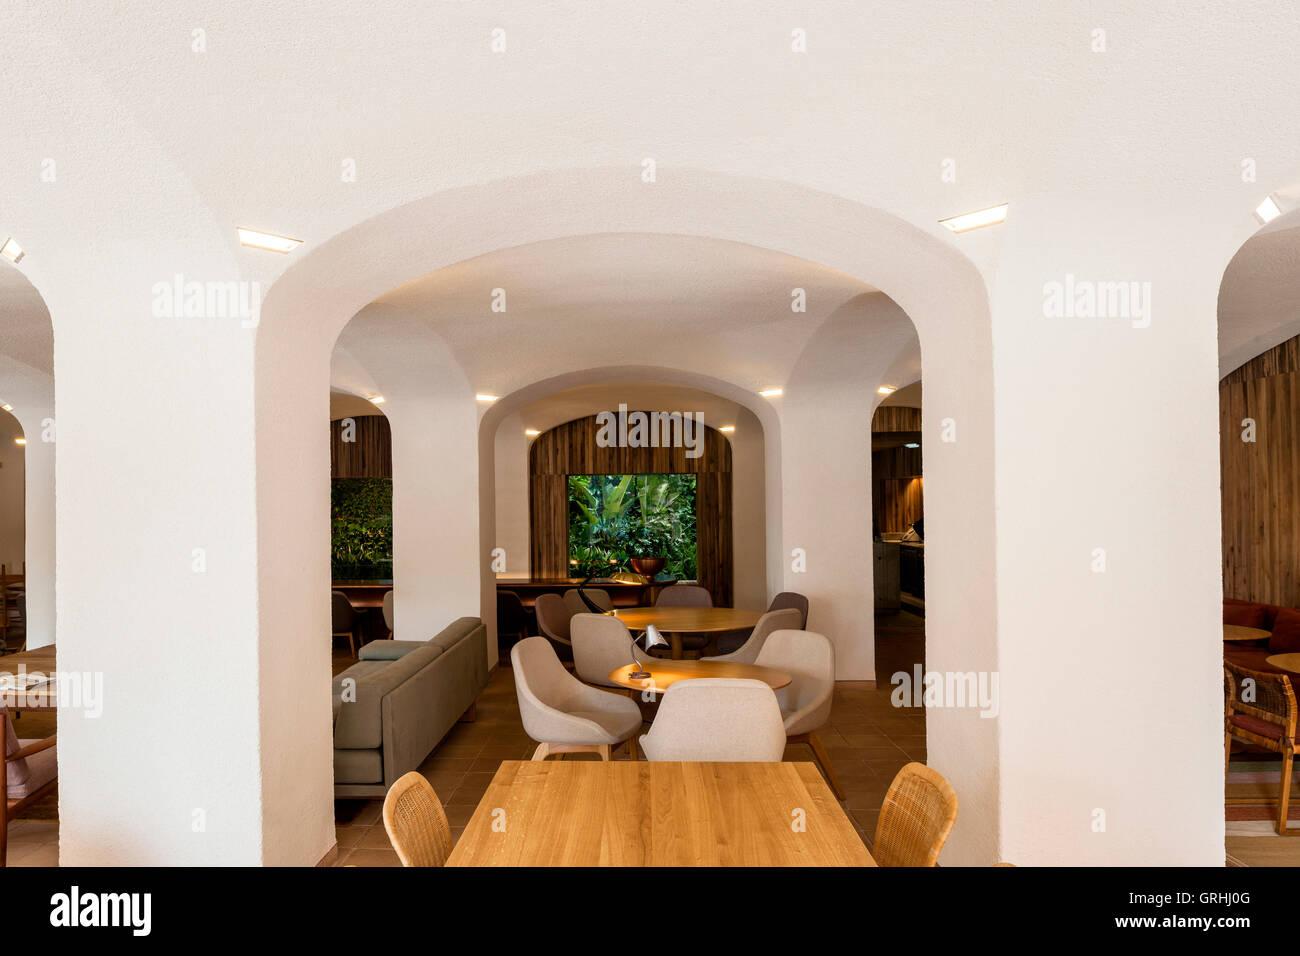 Beeindruckend Architekt Suchen Galerie Von Weitwinkel-ansicht In Richtung Bar. Green Spot Restaurant,